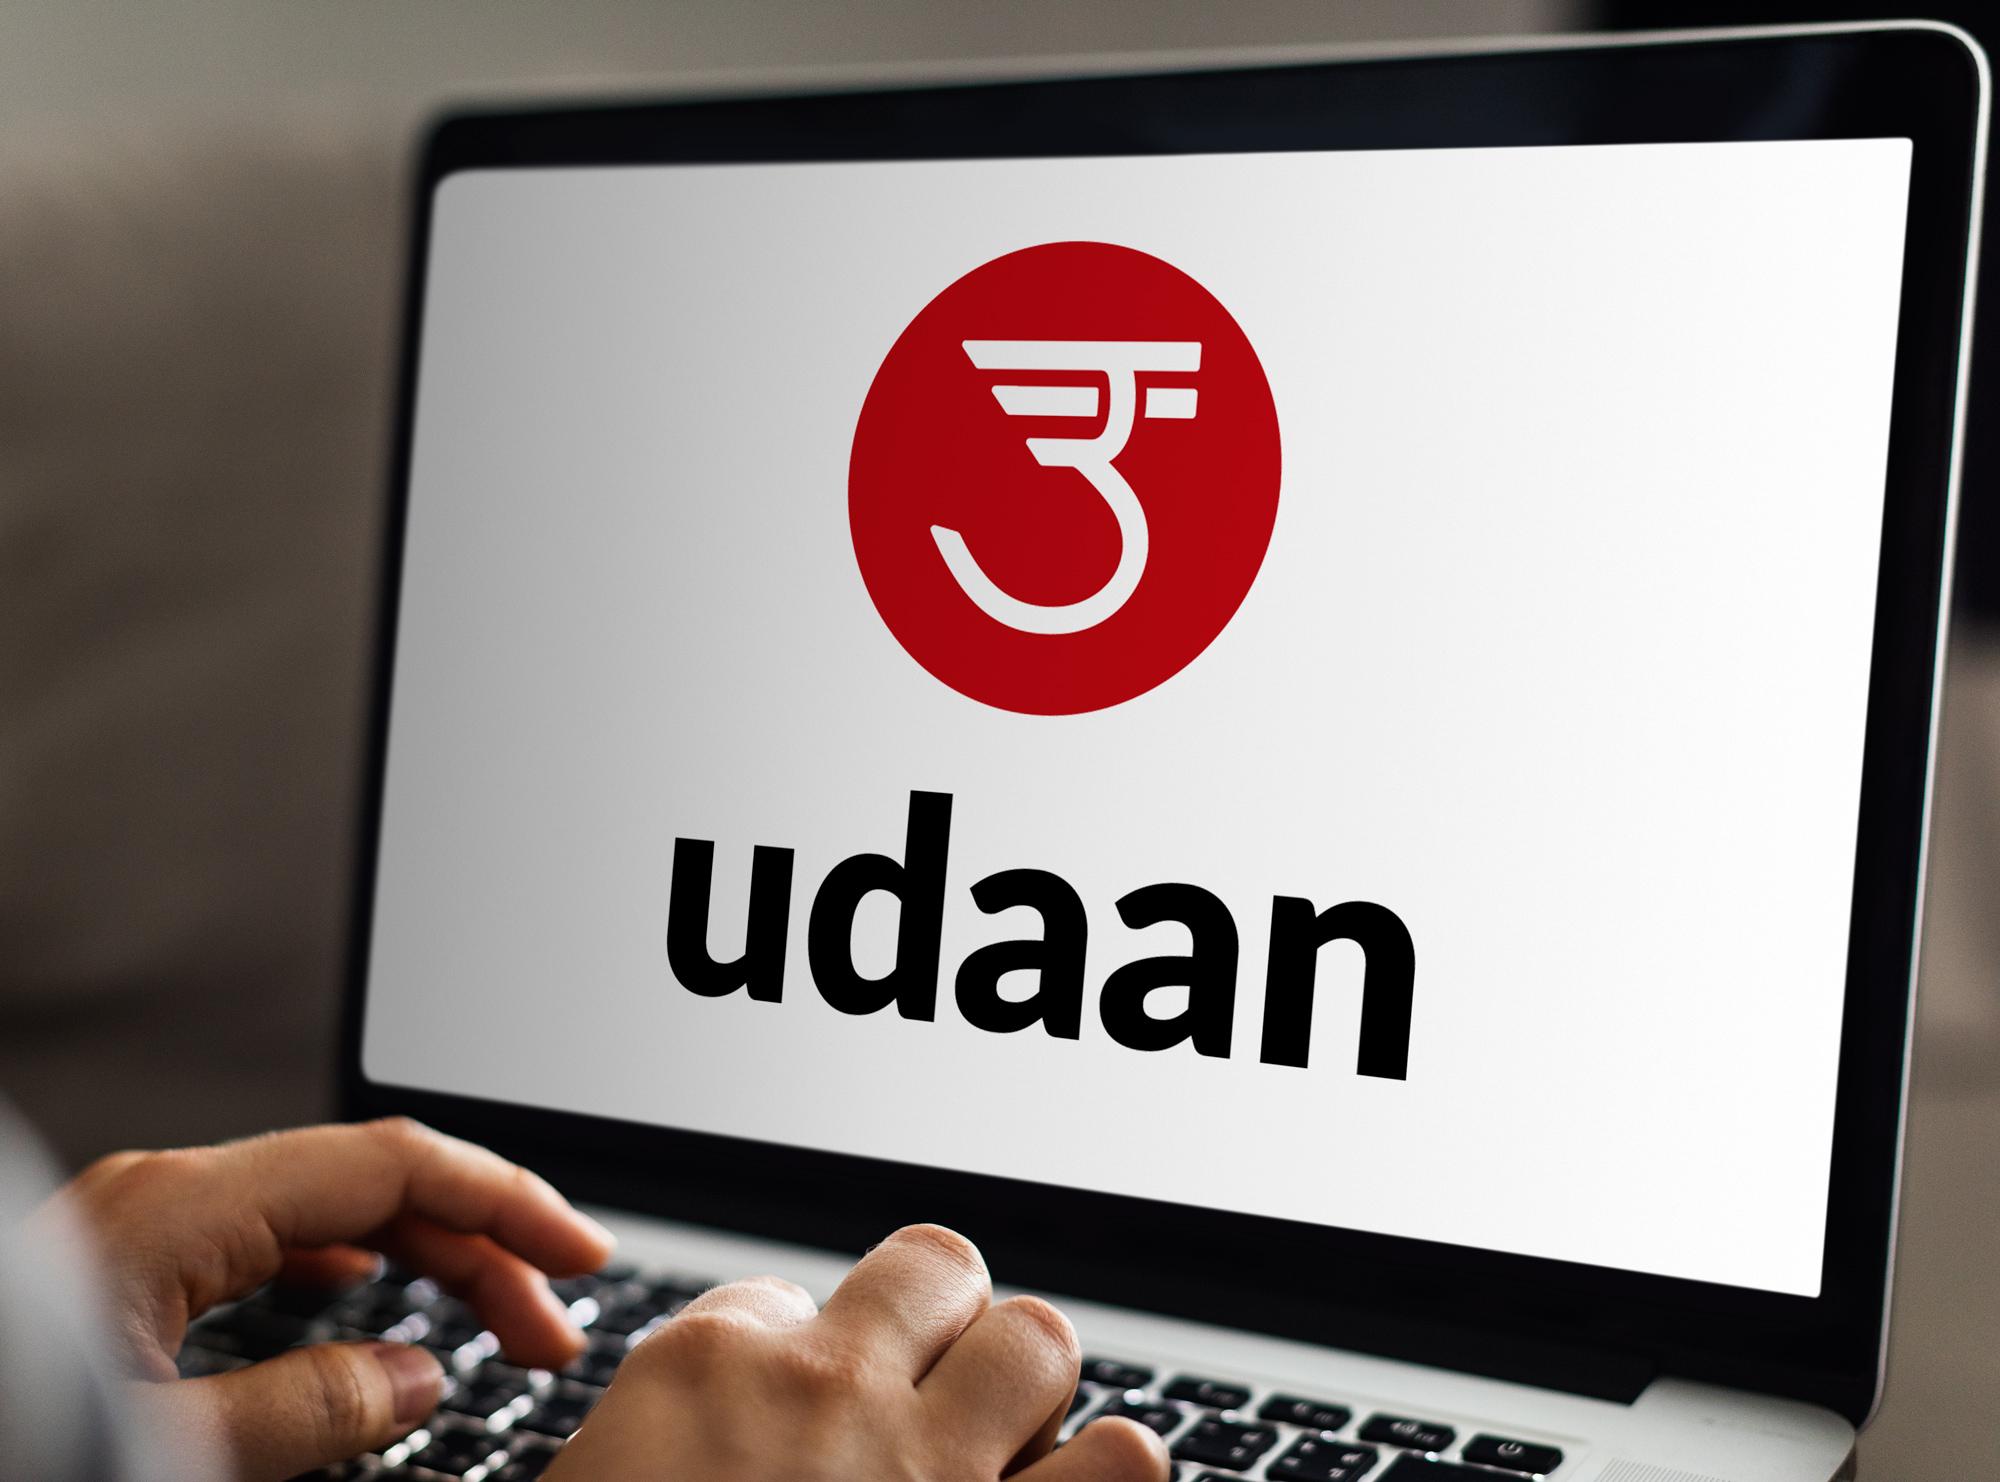 Uddan logo on laptop screen